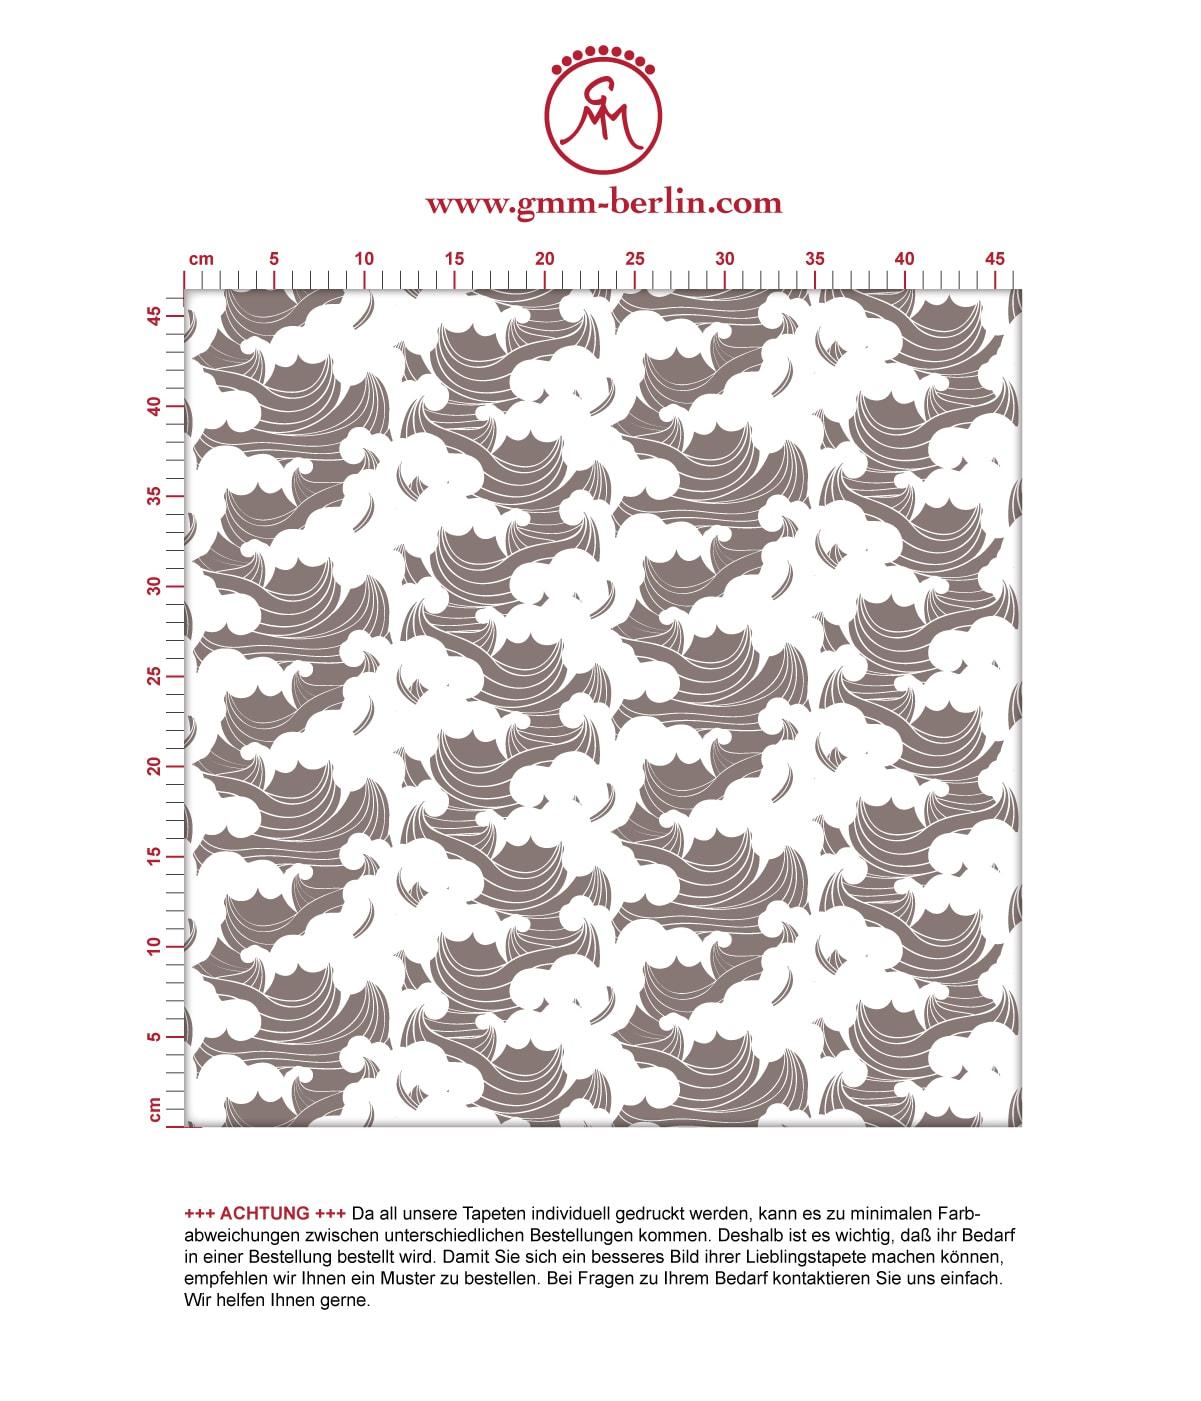 """Asiatische Wellen Tapete """"Meerschaum"""", braune Vlies Tapete grafische Wanddeko für Flur, Büro. Aus dem GMM-BERLIN.com Sortiment: Schöne Tapeten in der Farbe: dunkel braun"""